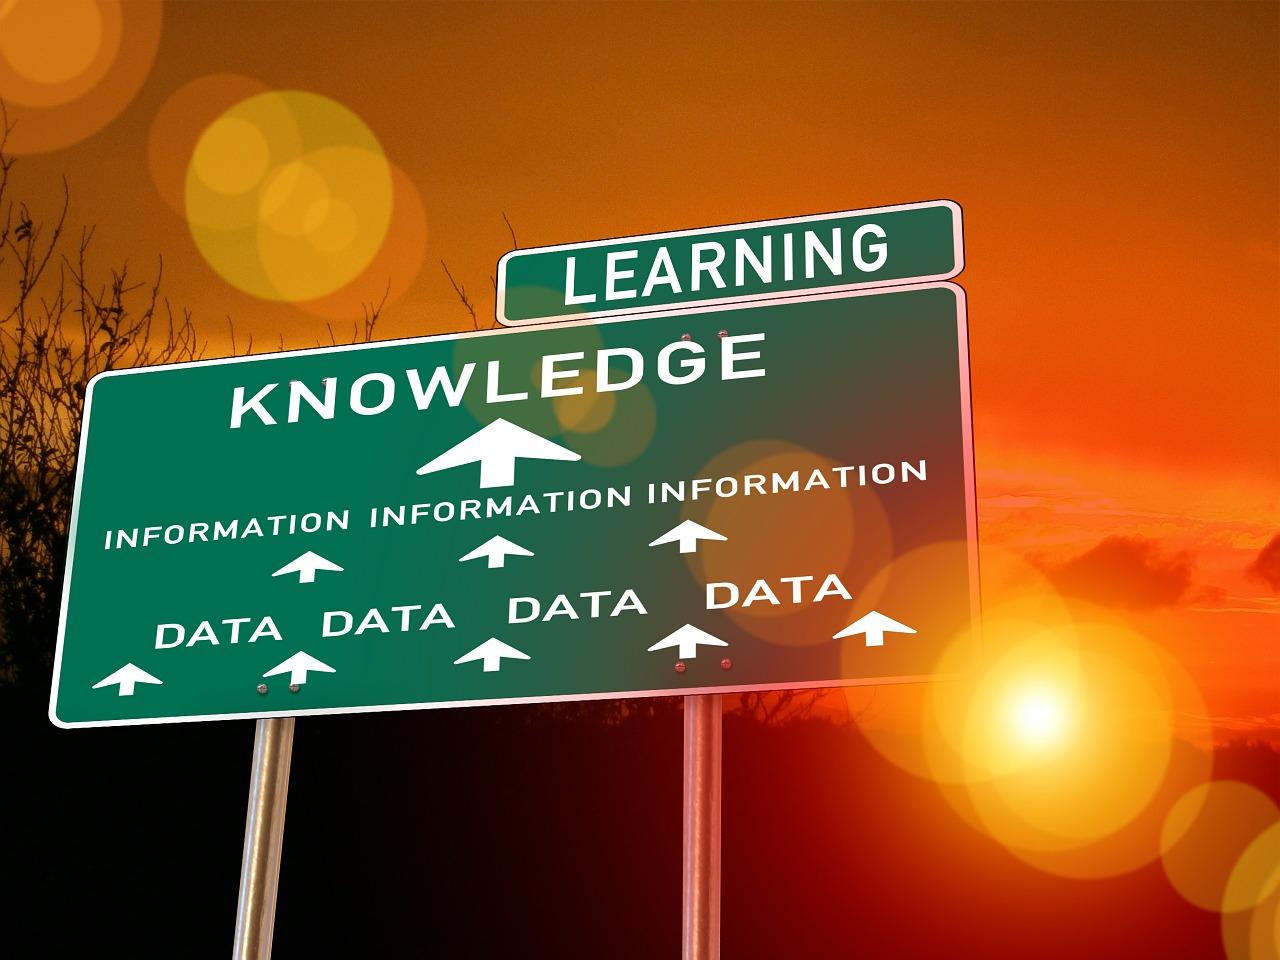 data image pixabay free